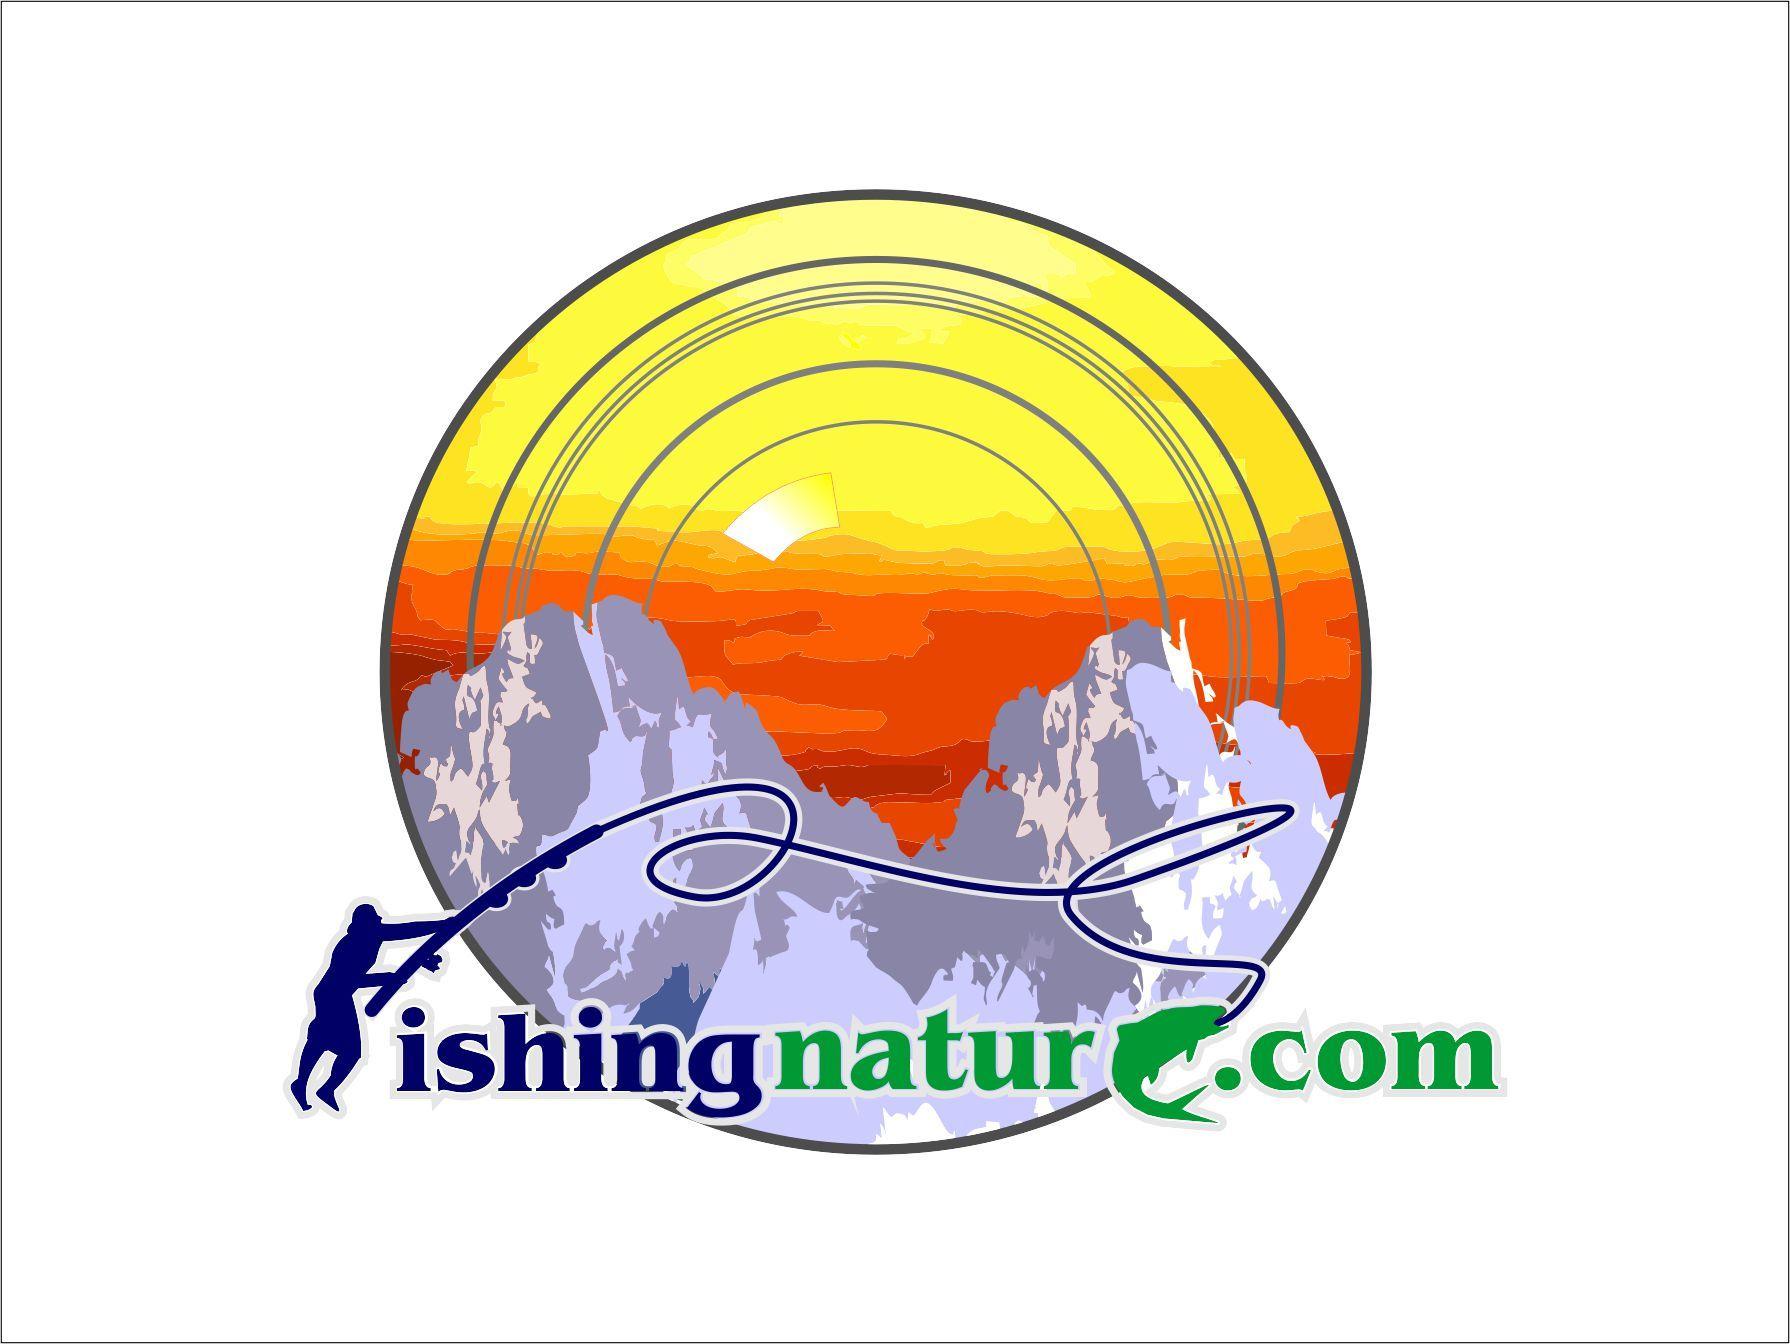 Лого он-лайн фотожурнала о рыболовстве и природе - дизайнер NUTAVEL